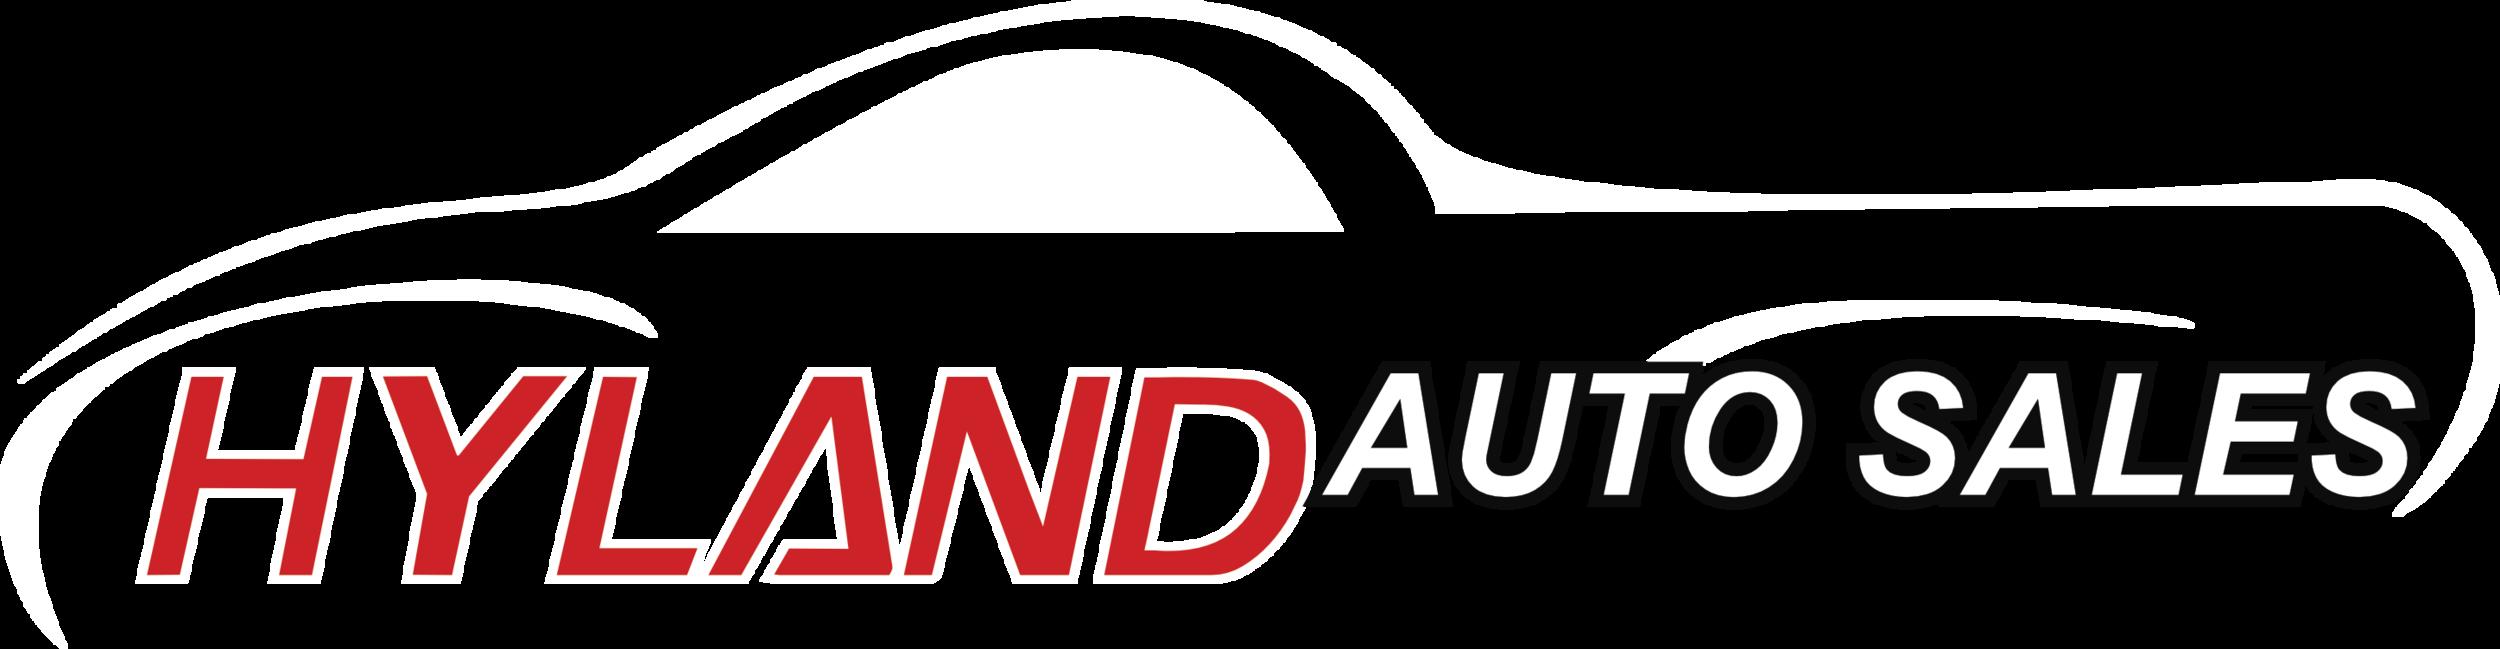 HylandAutoVector.png